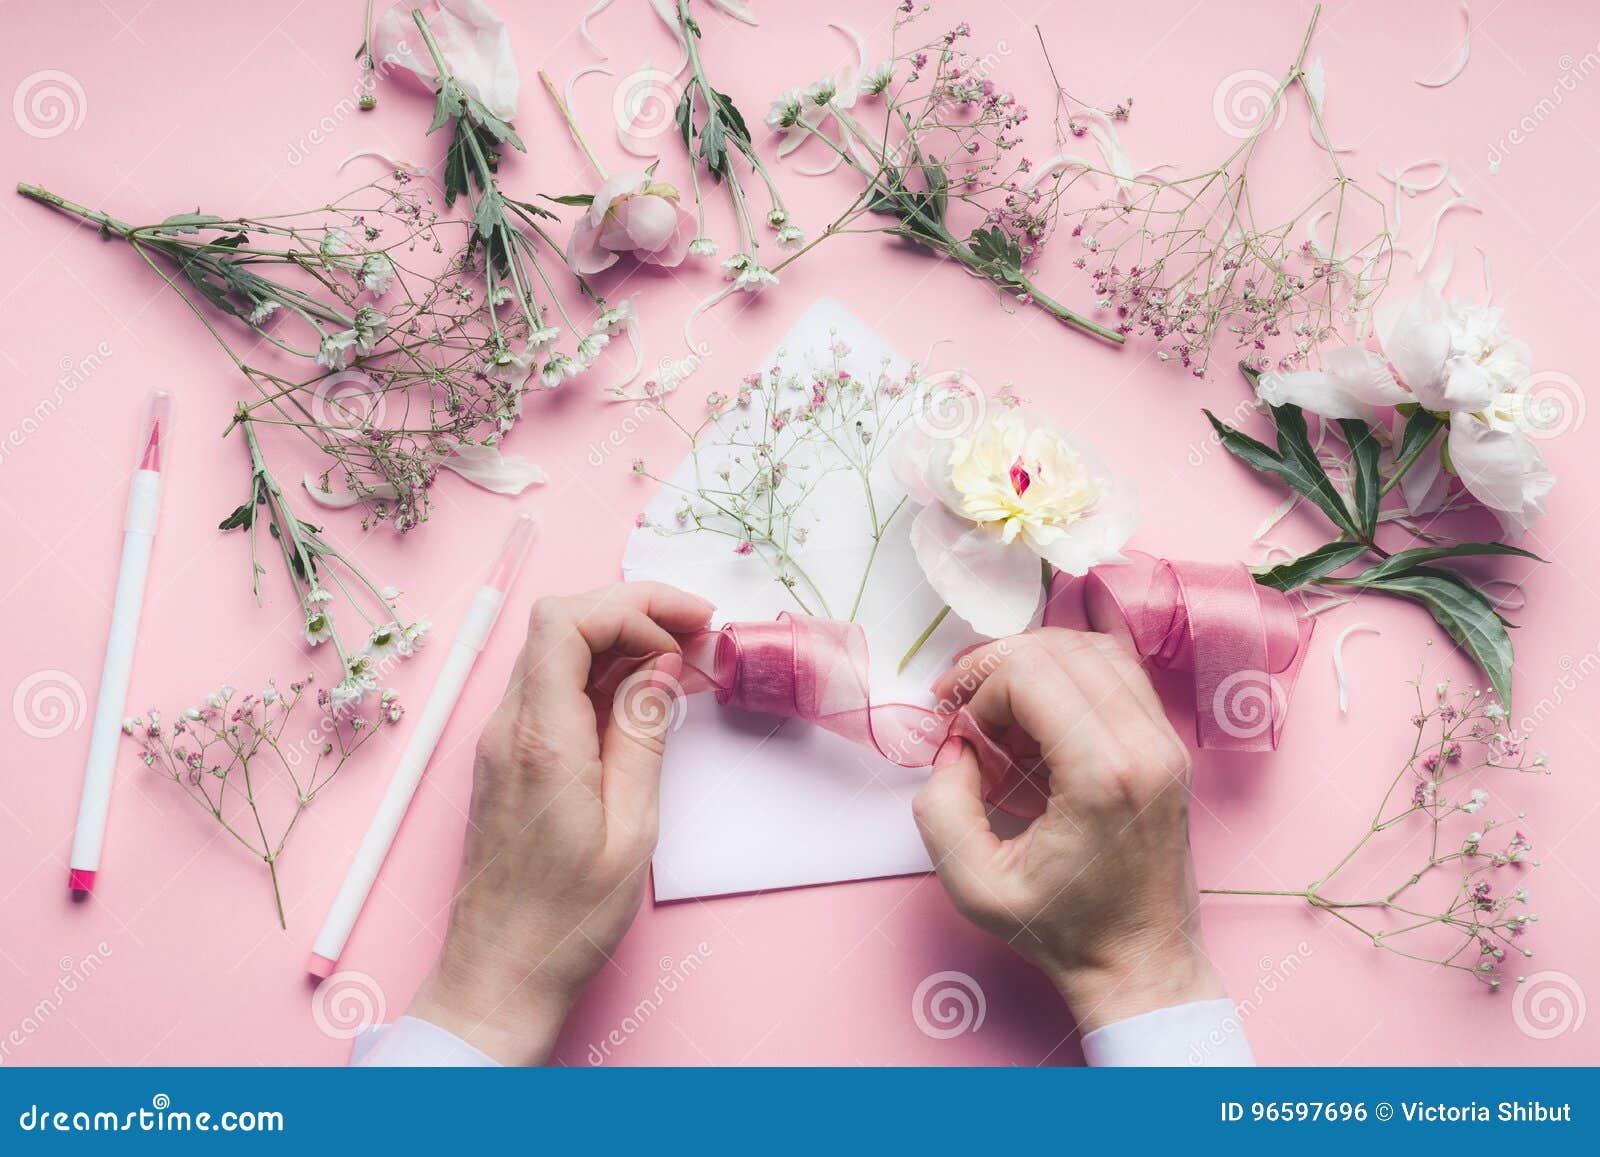 Weibliche Hand Die Grusskarte Mit Umschlag Mit Blumen Macht Hochzeit